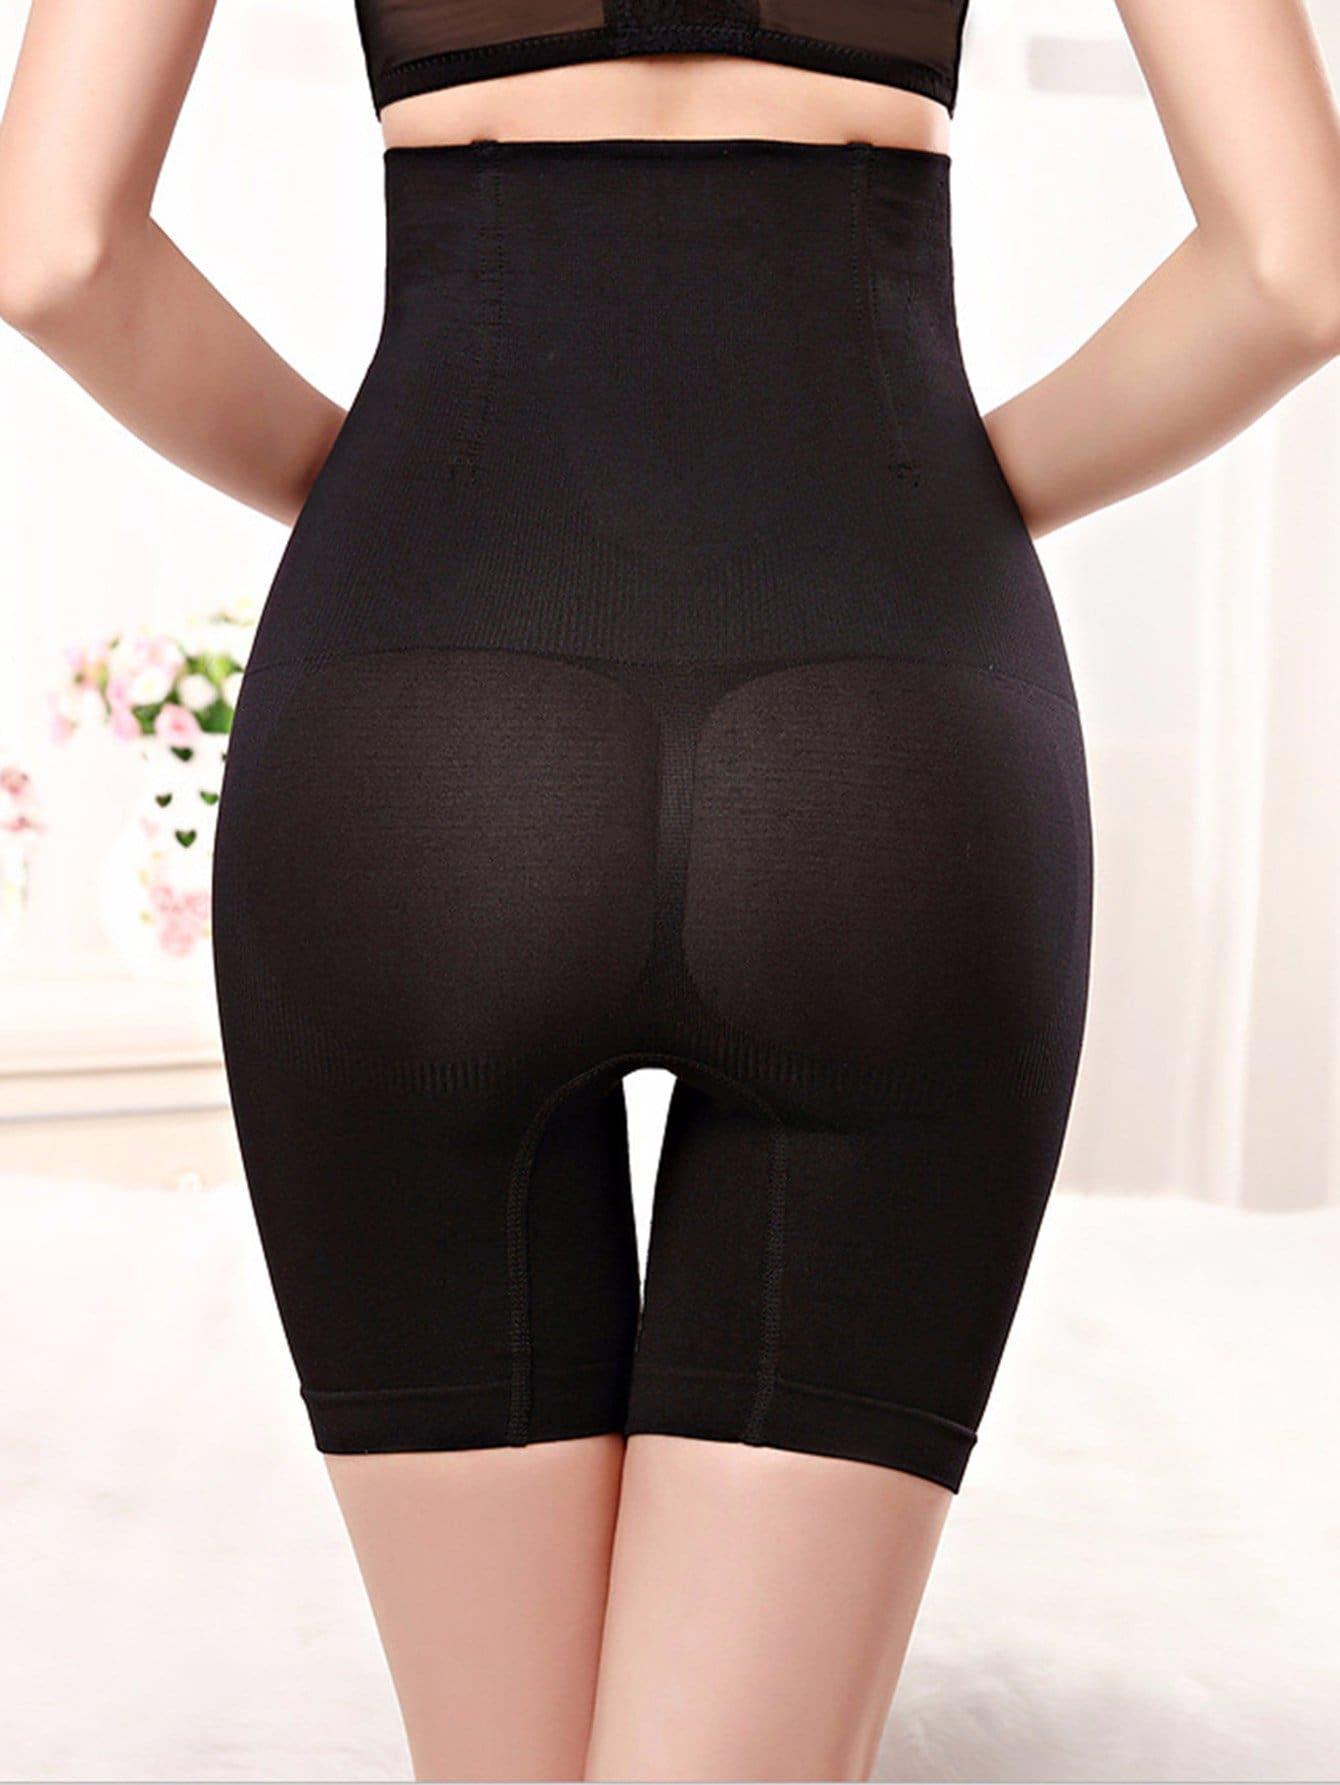 Plus High Waist Control Shorts black high waist shorts